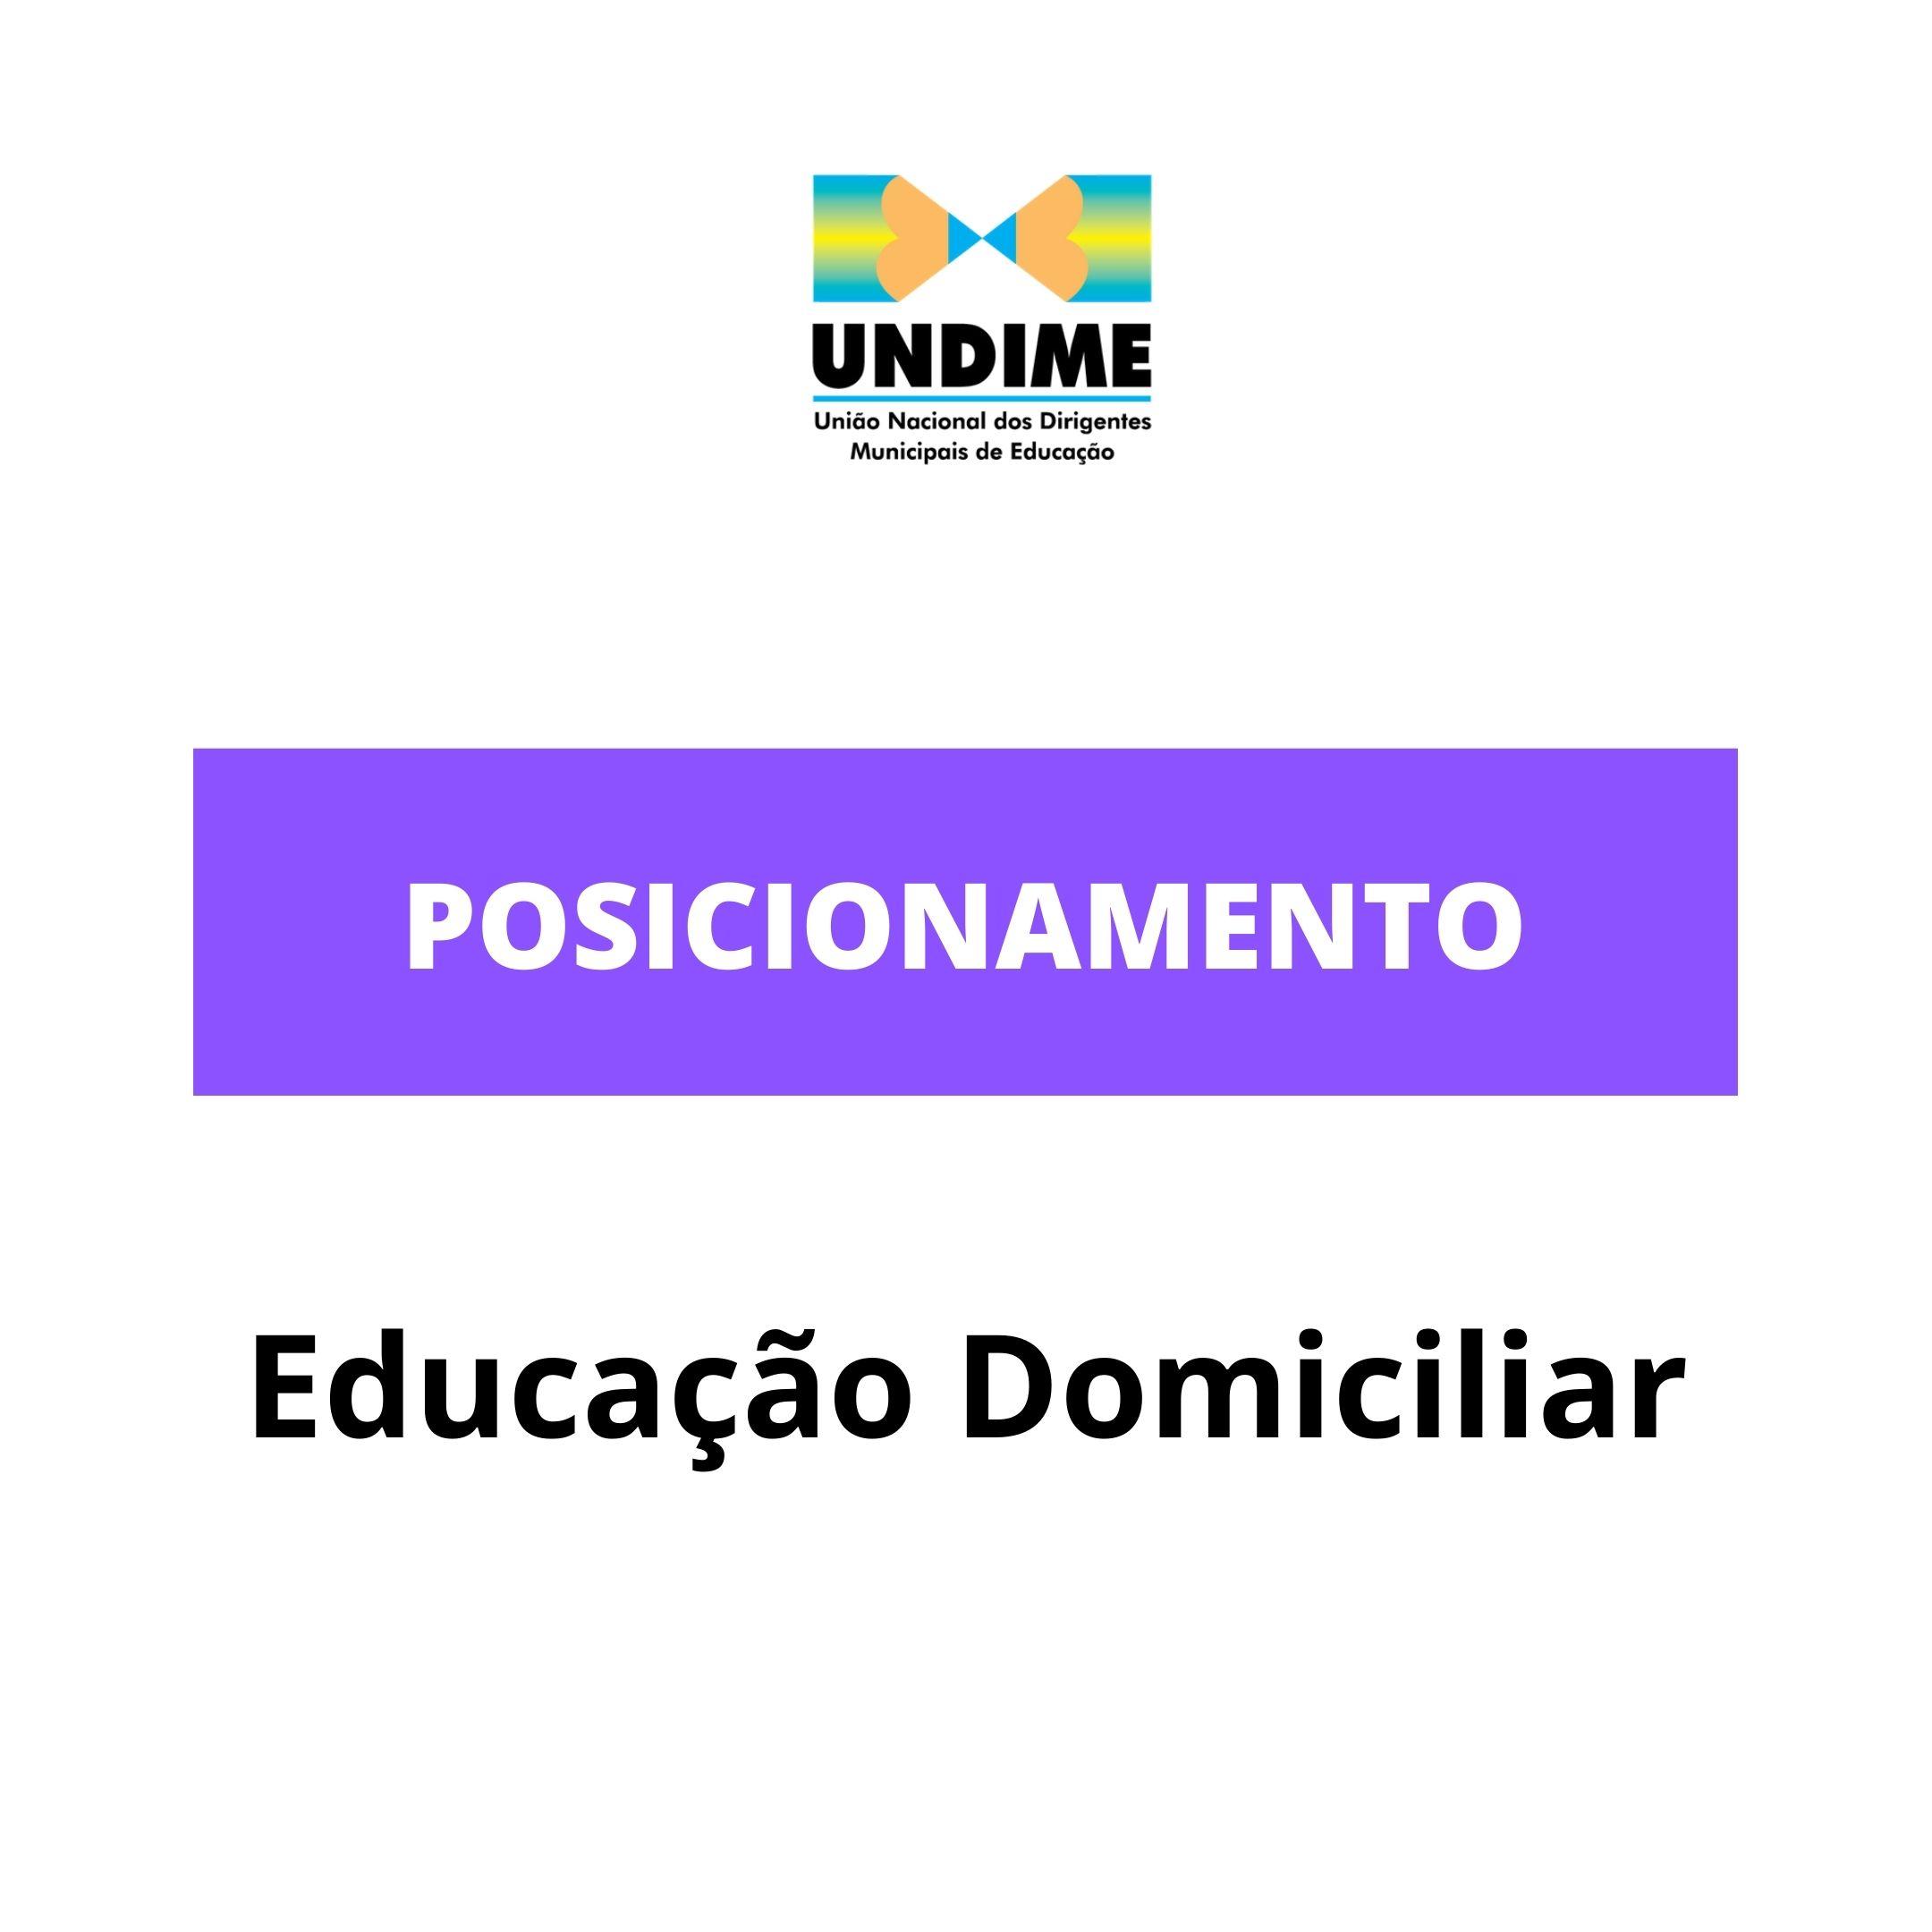 Posicionamento da Undime sobre a educação domiciliar